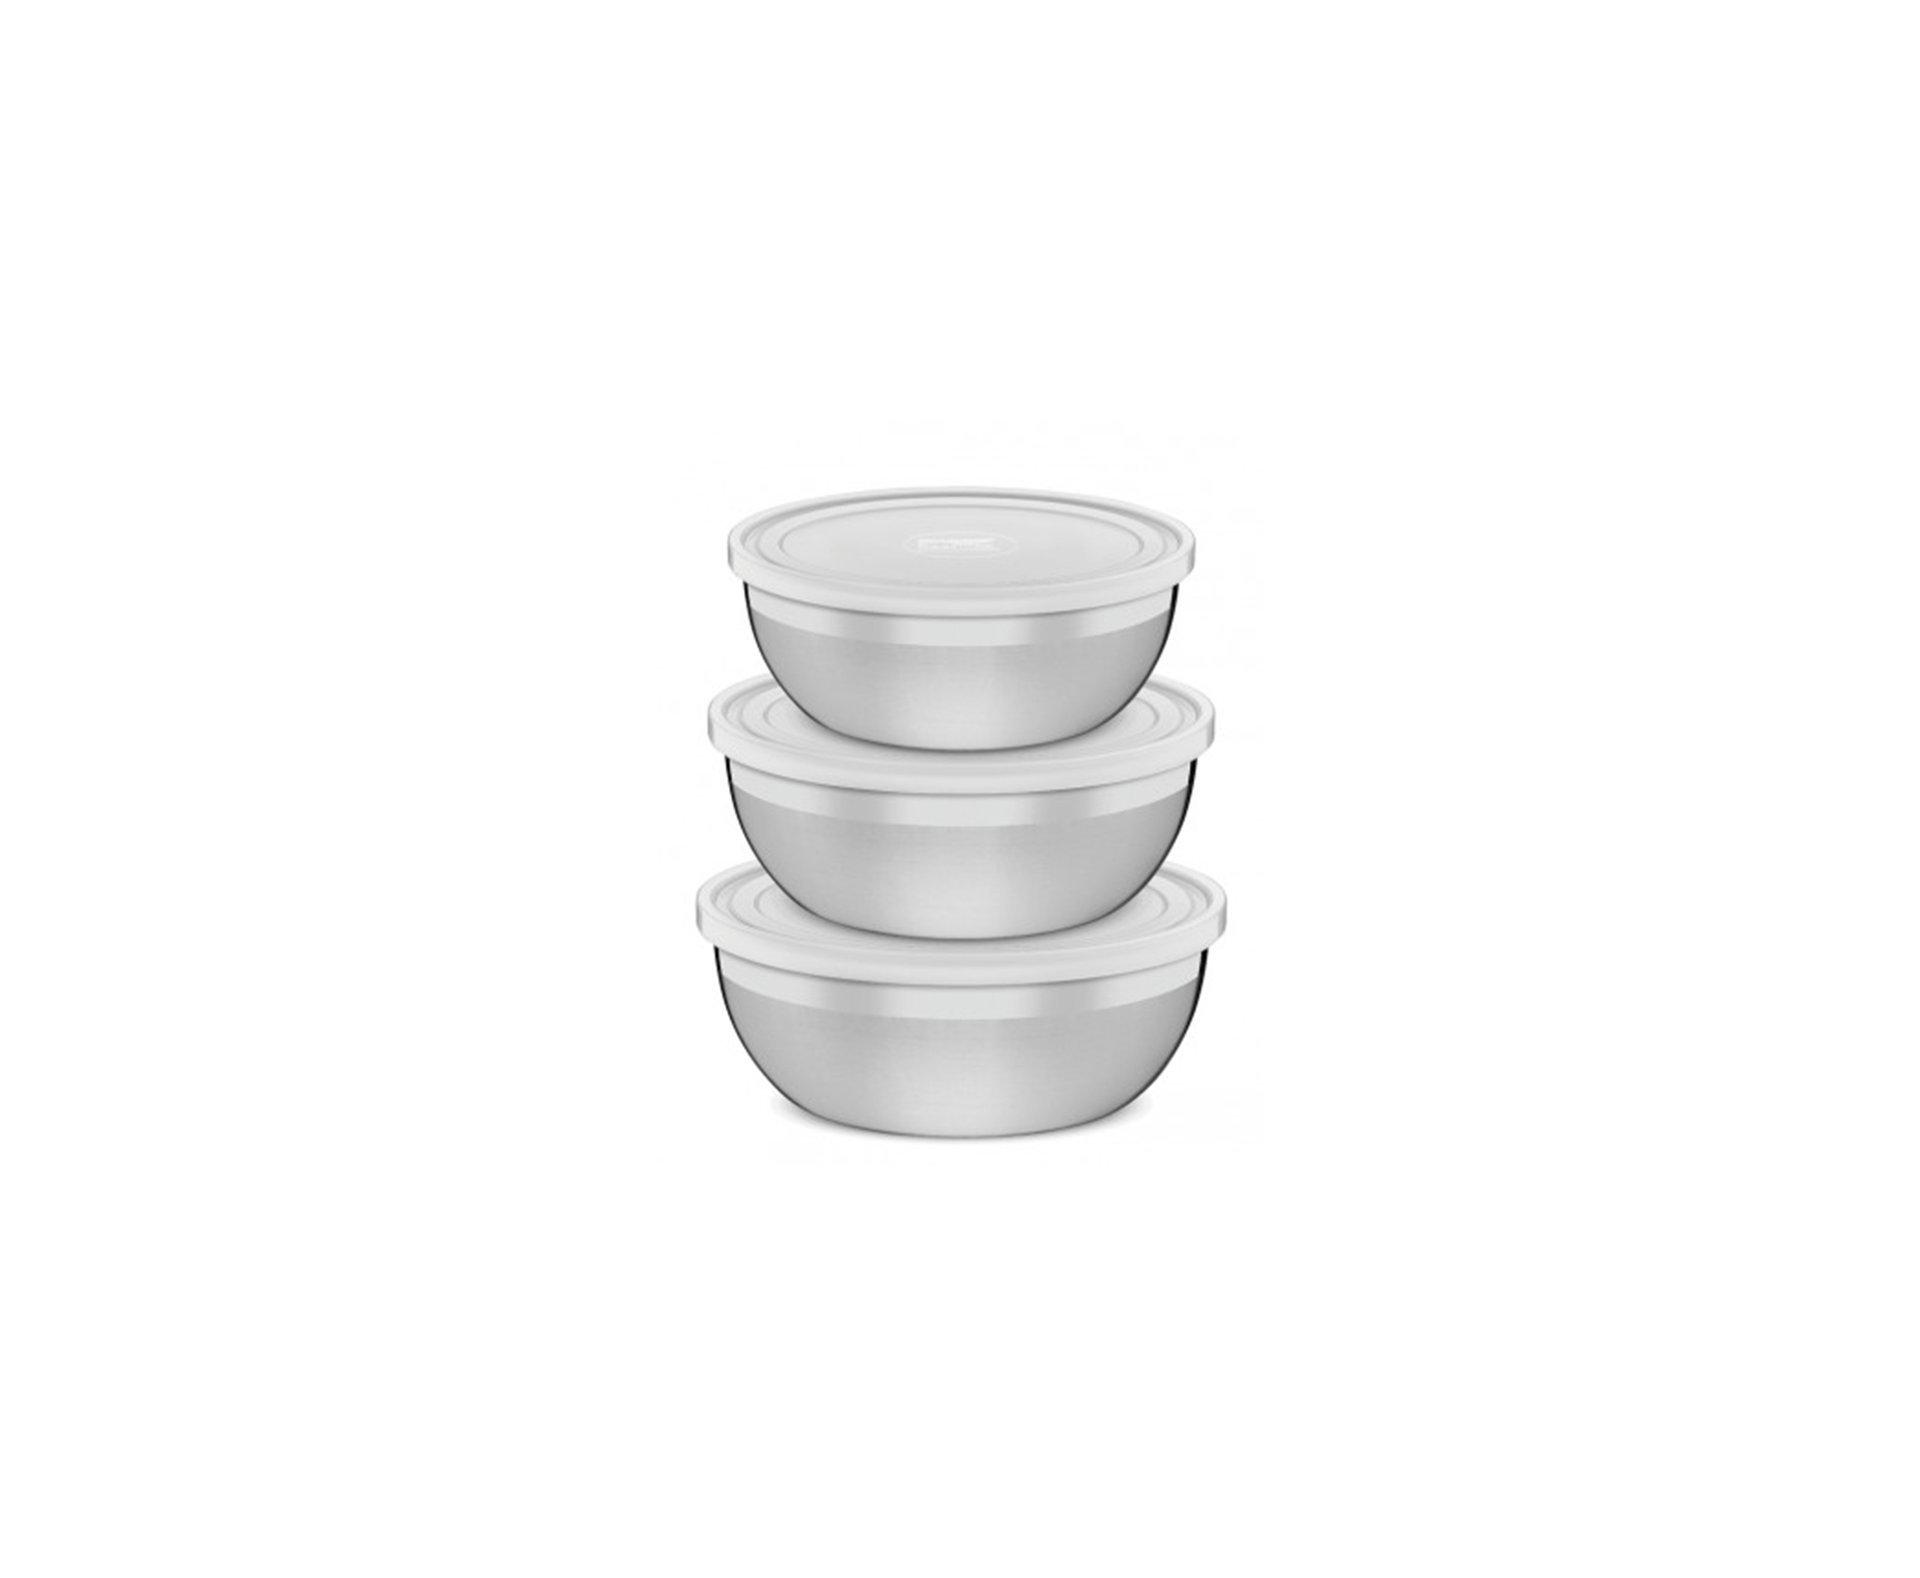 Jogo Potes Em Aço Inox 3 Pcs Freezinox - Tramontina